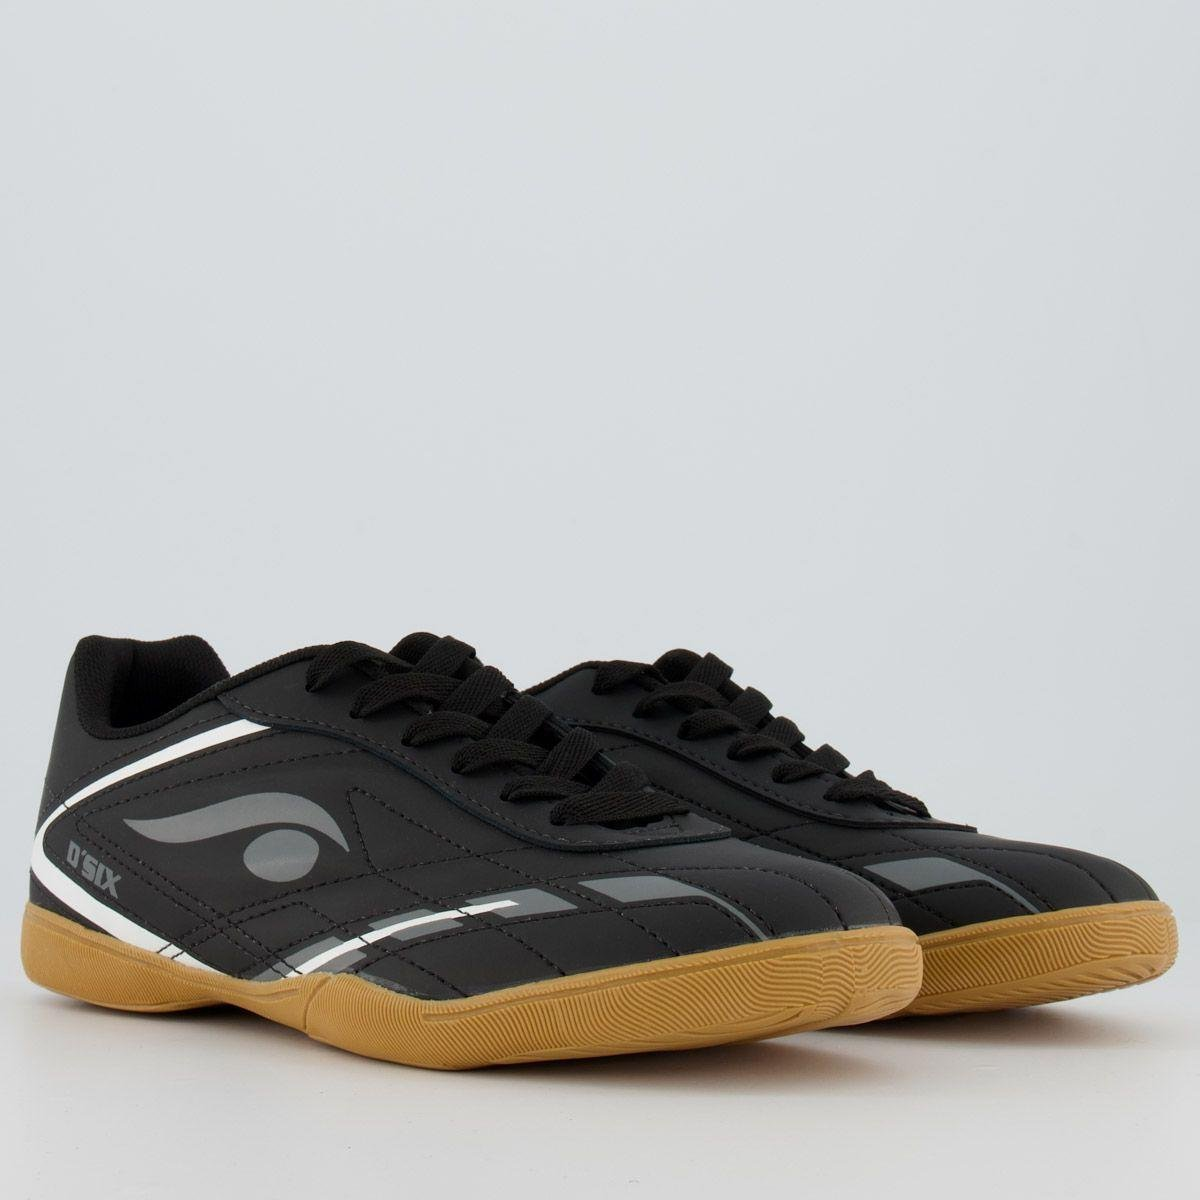 Chuteira Futsal Juvenil Dsix 62061010180